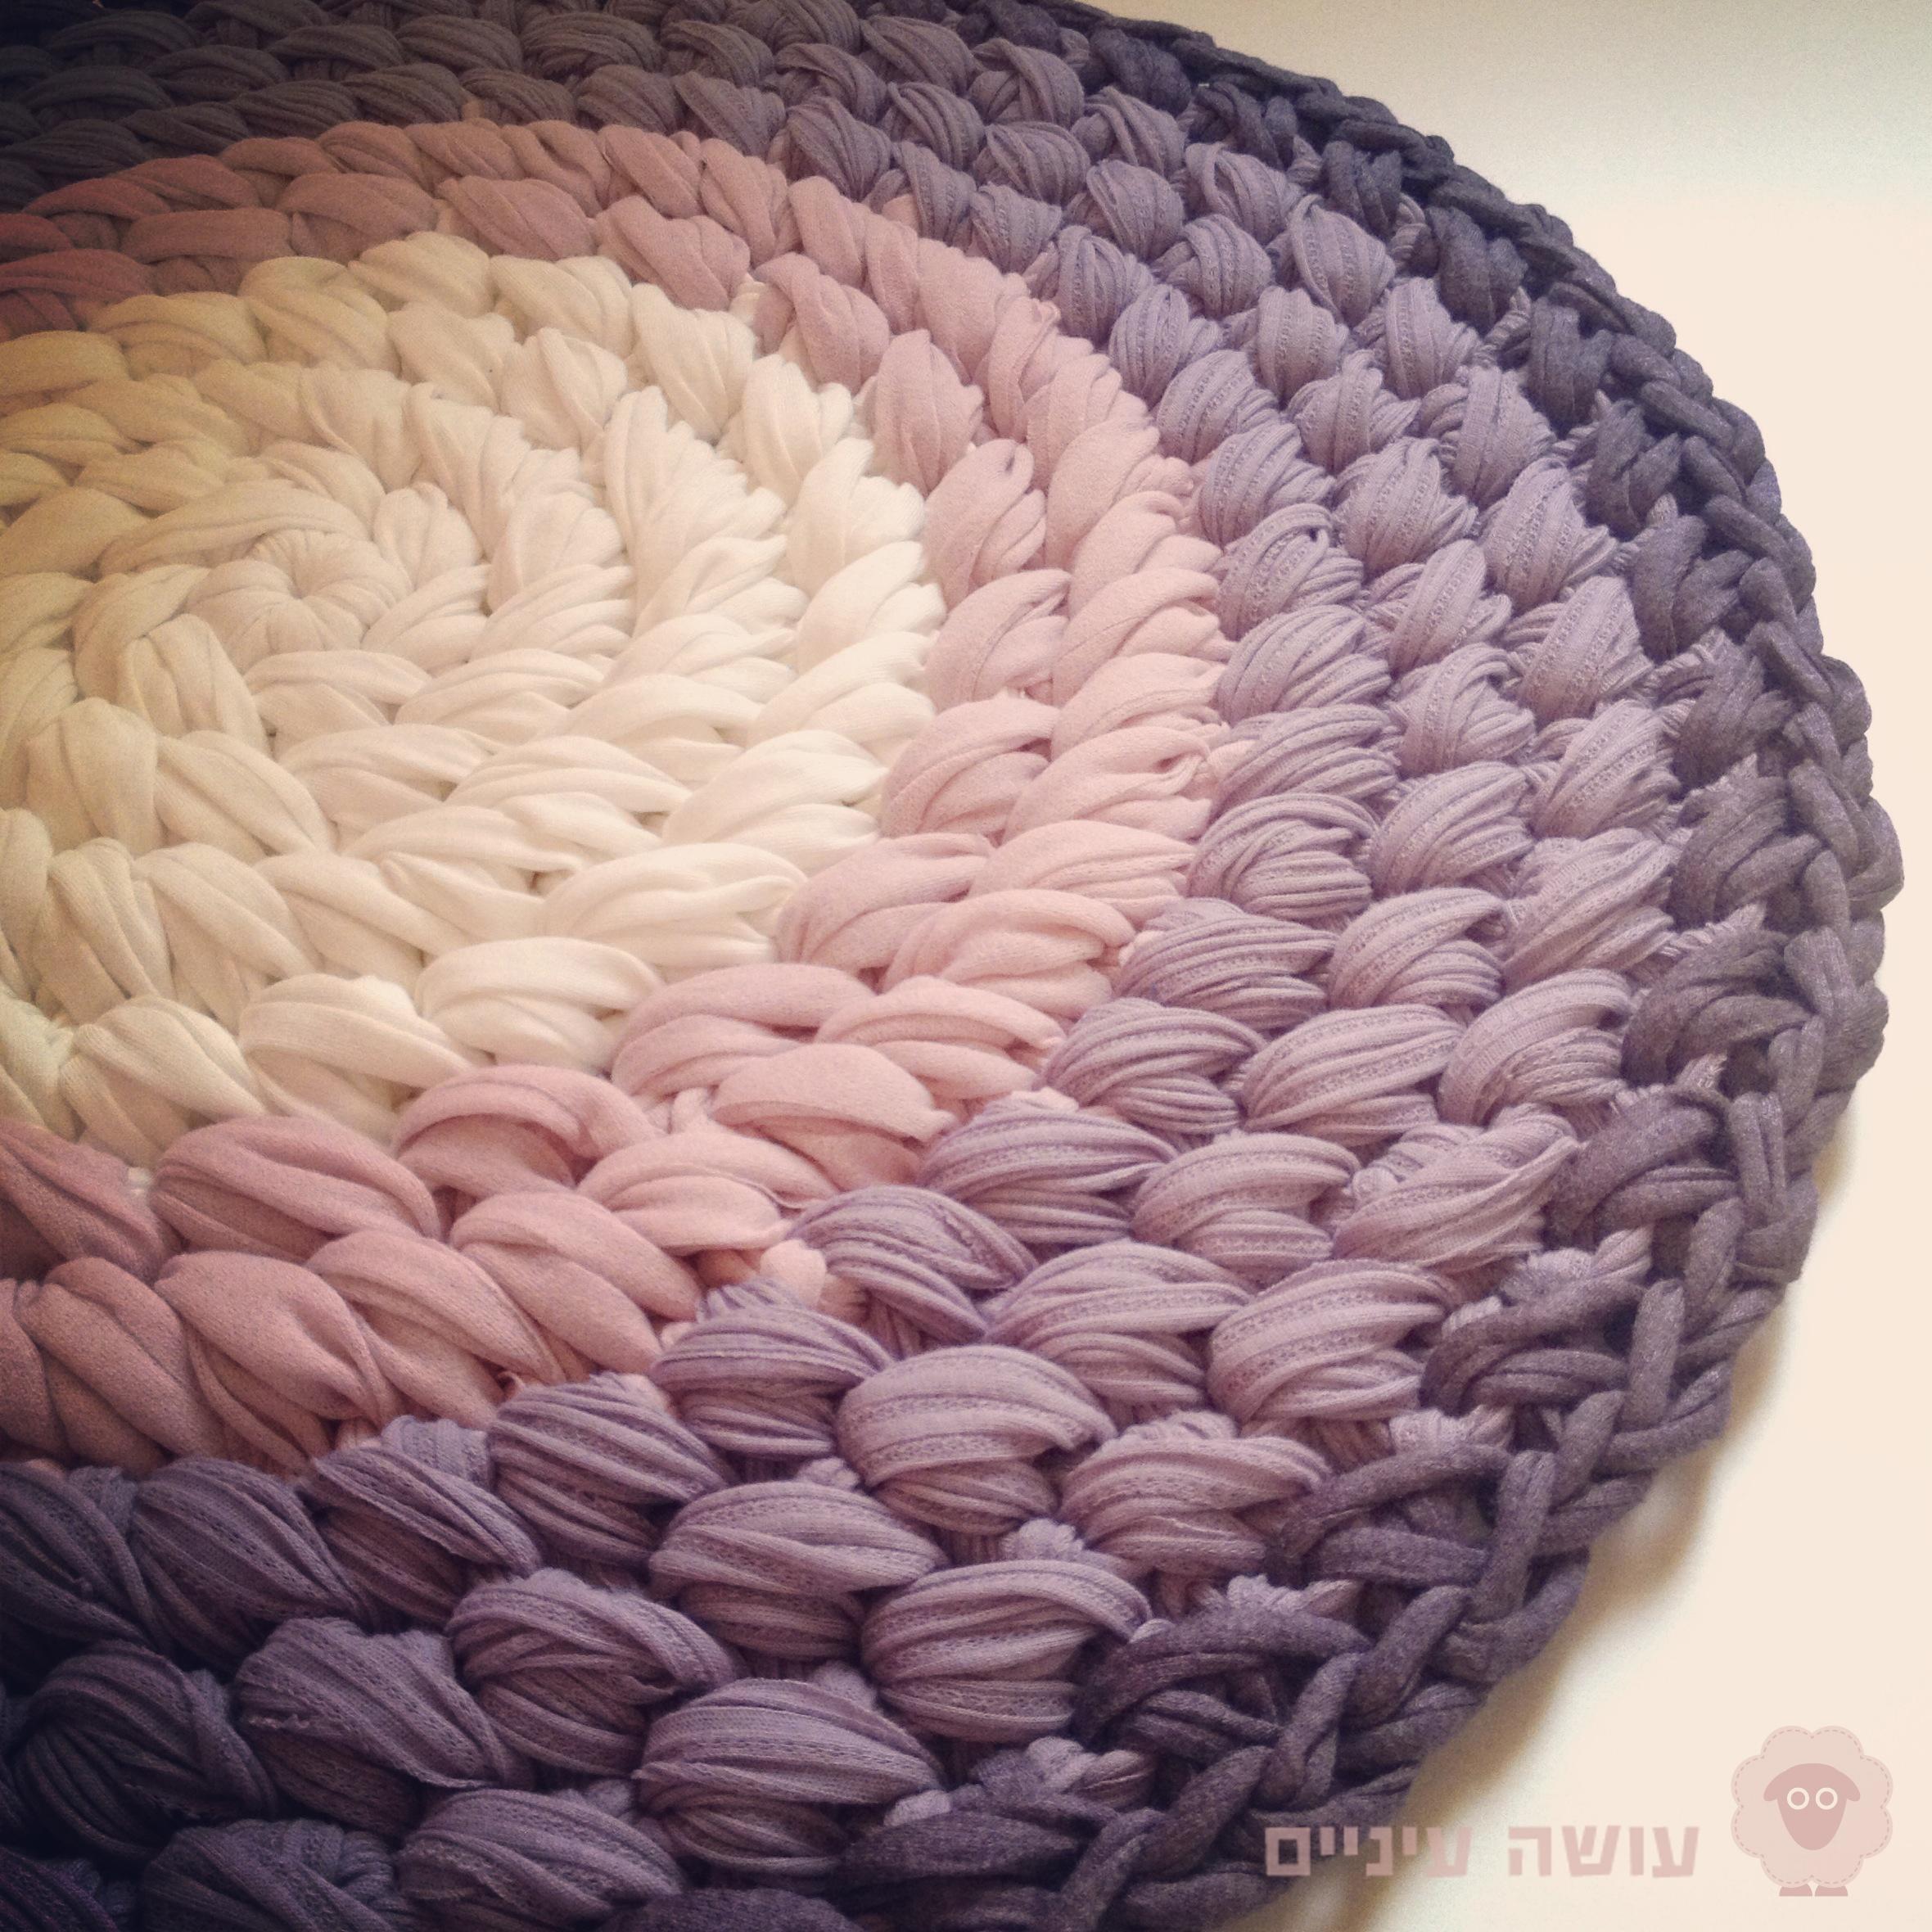 דוגמת סריגת שטיח מחוטי טריקו - עושה עיניים || T-shirt yarn / Trapillo - Crochet rug || by OsaEinaim